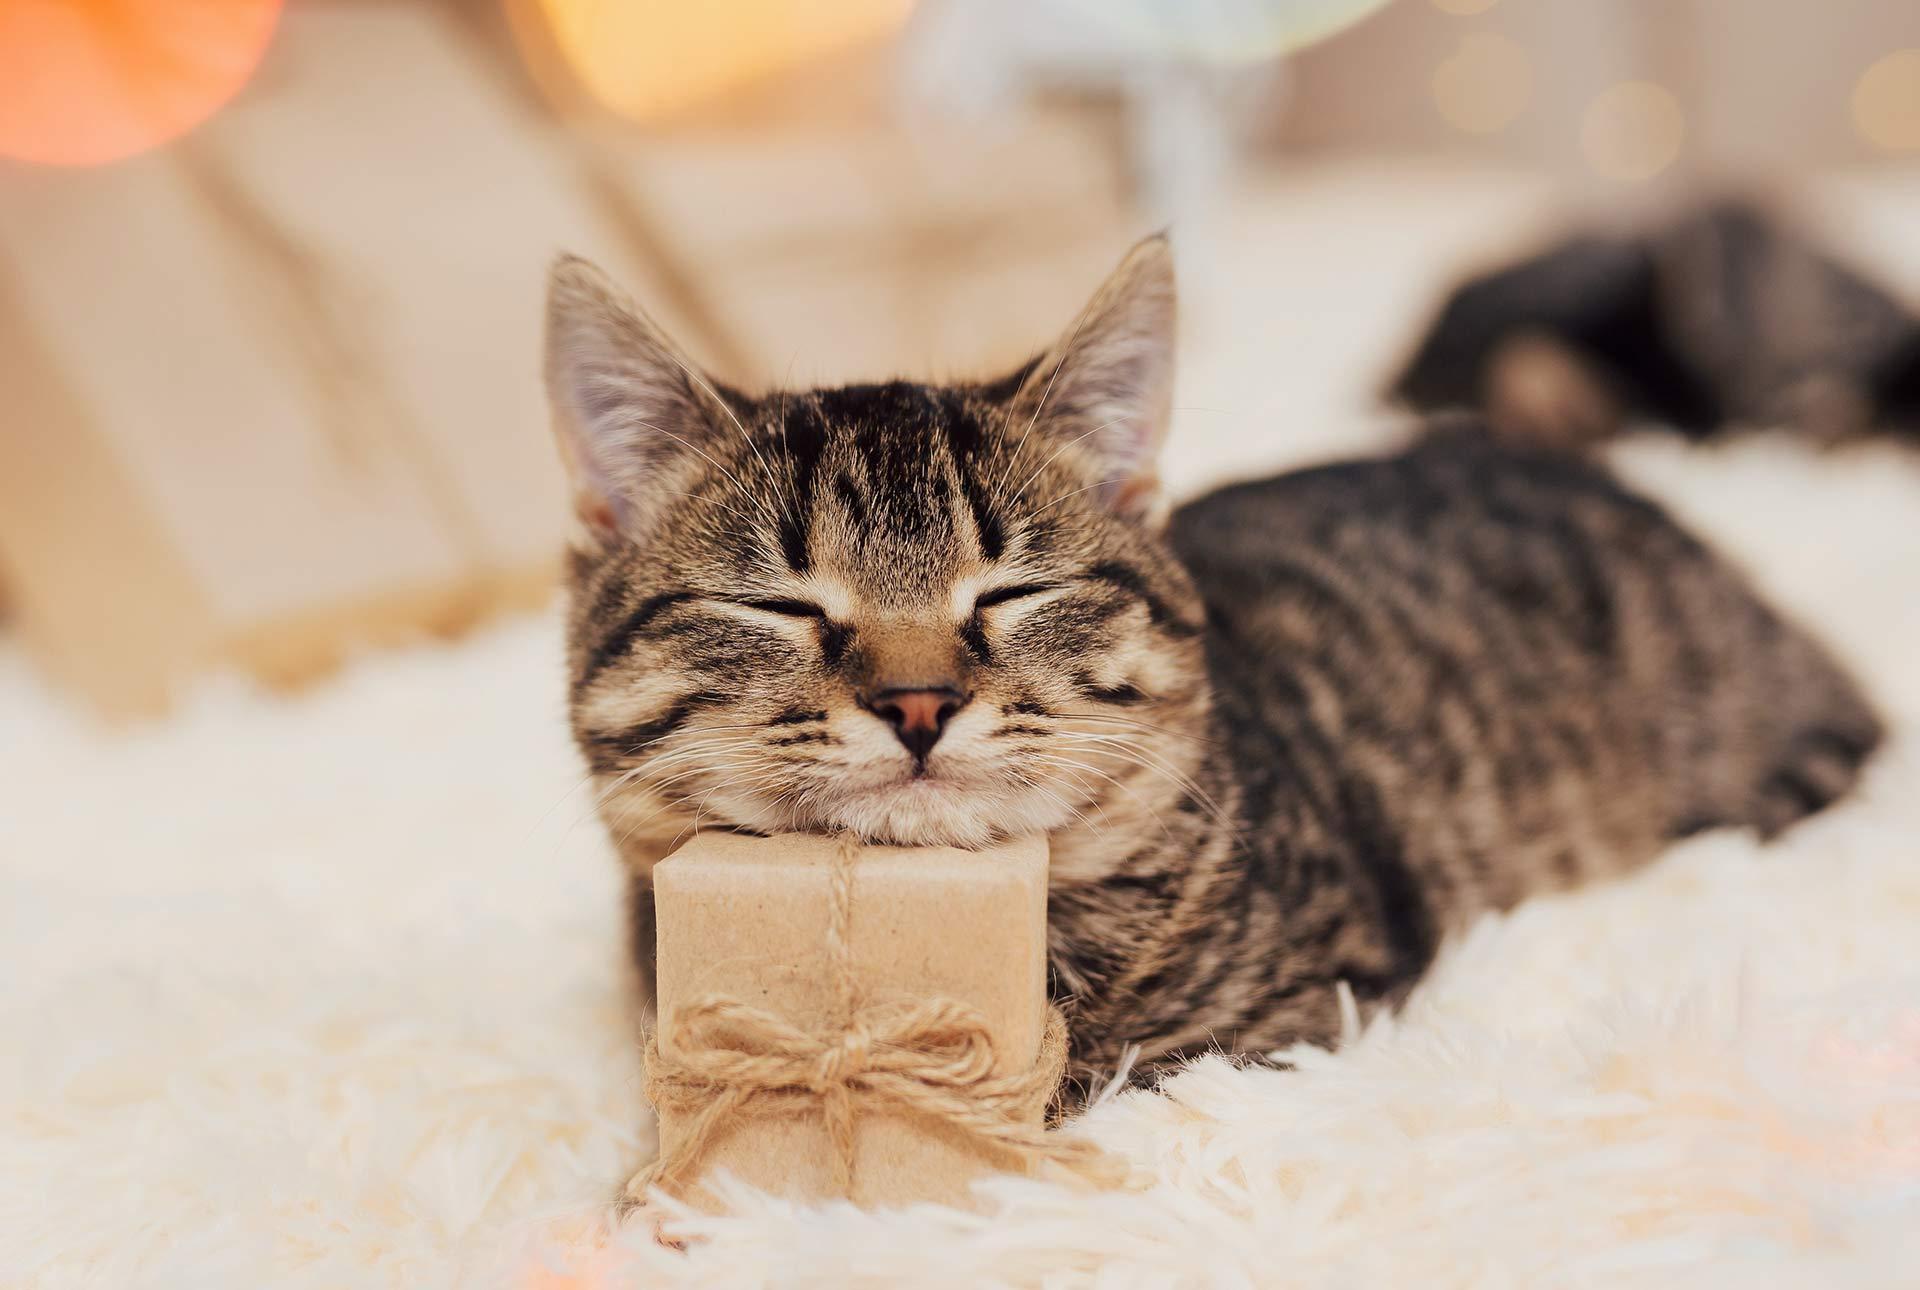 Gato apoyado en un regalito